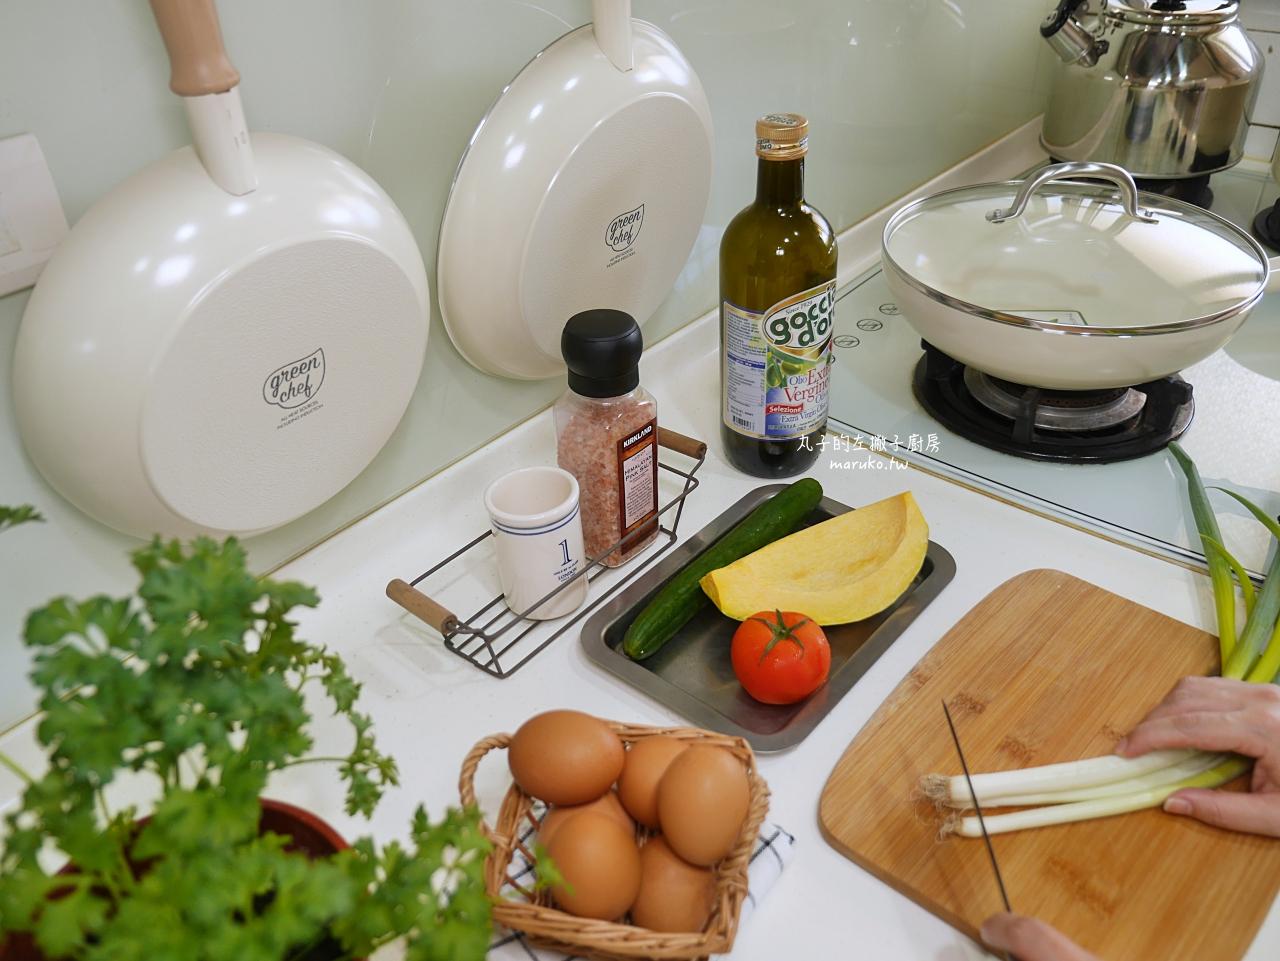 【食譜】三道韓式料理平底鍋食譜 GreenPan 來自比利時健康陶瓷不沾鍋-東京木紋系列推薦 @Maruko與美食有個約會